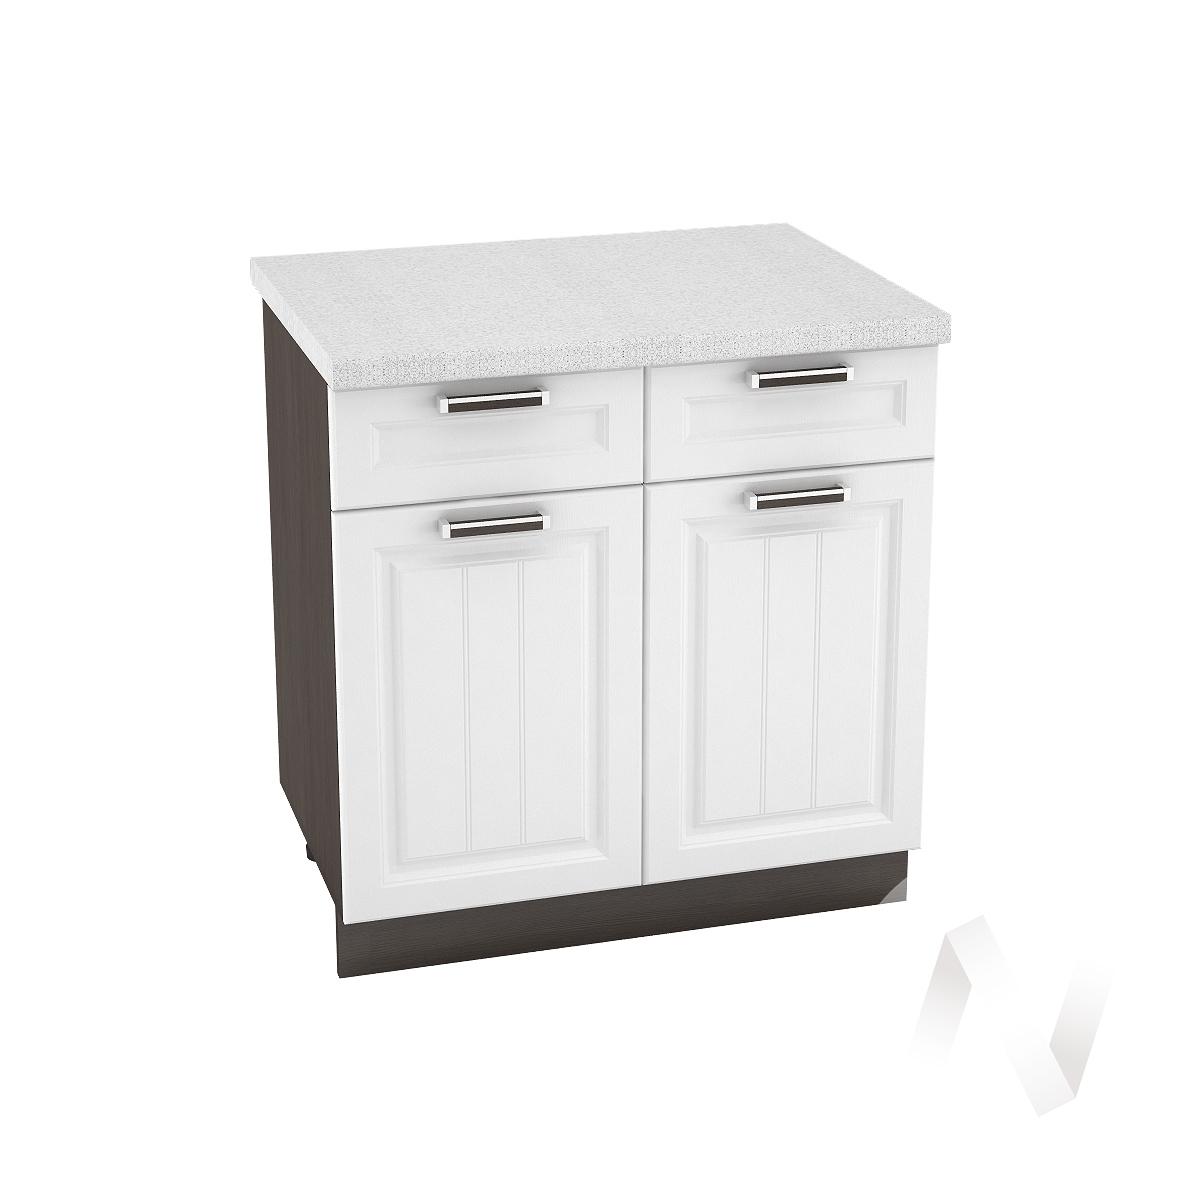 """Кухня """"Прага"""": Шкаф нижний с ящиками 800, ШН1Я 800 (белое дерево/корпус венге)"""